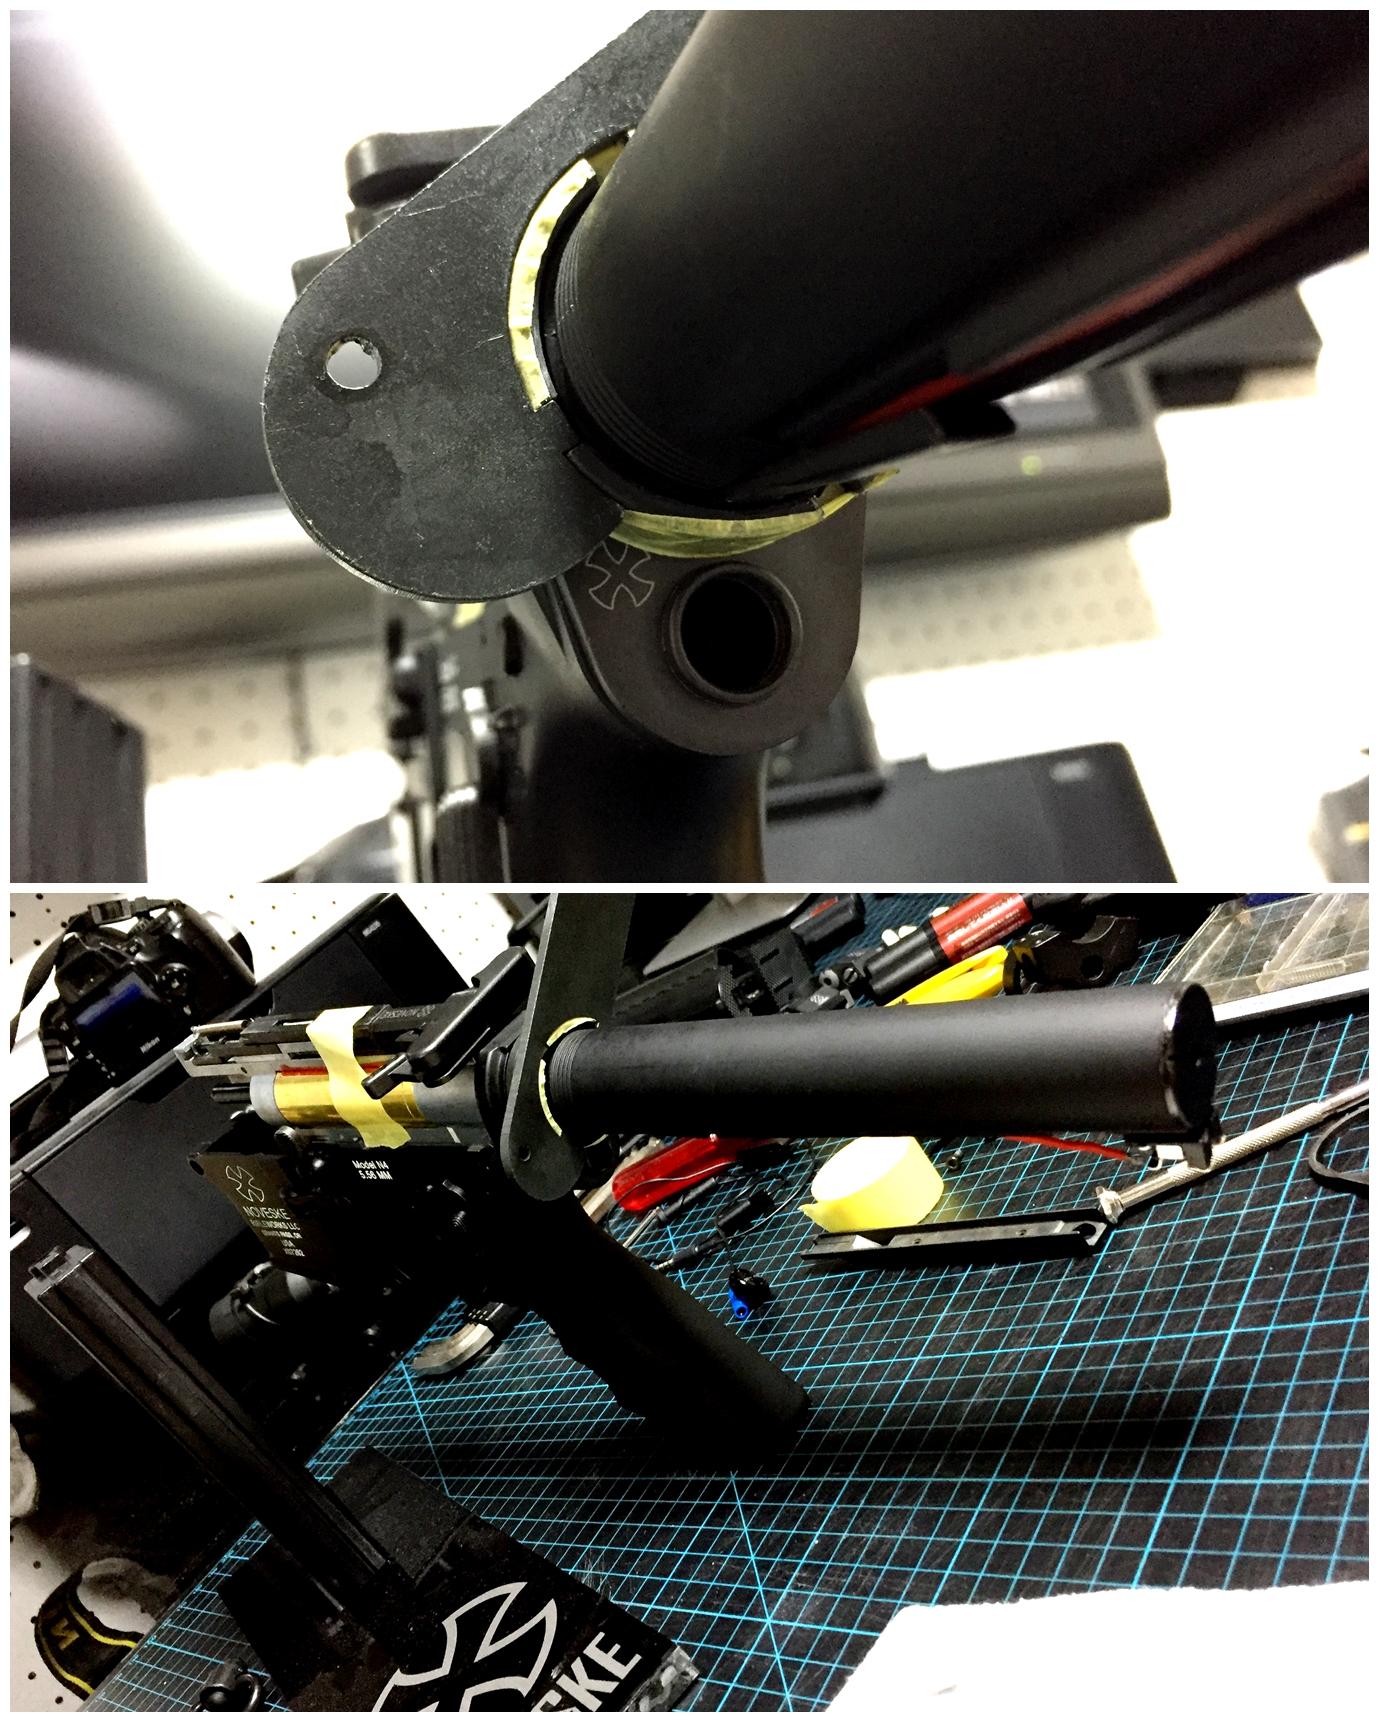 4次世代 M4 NOVESKE QD Bum Ble Bee バンブルビー スリング エンドプレート アダプター 取付 レビュー